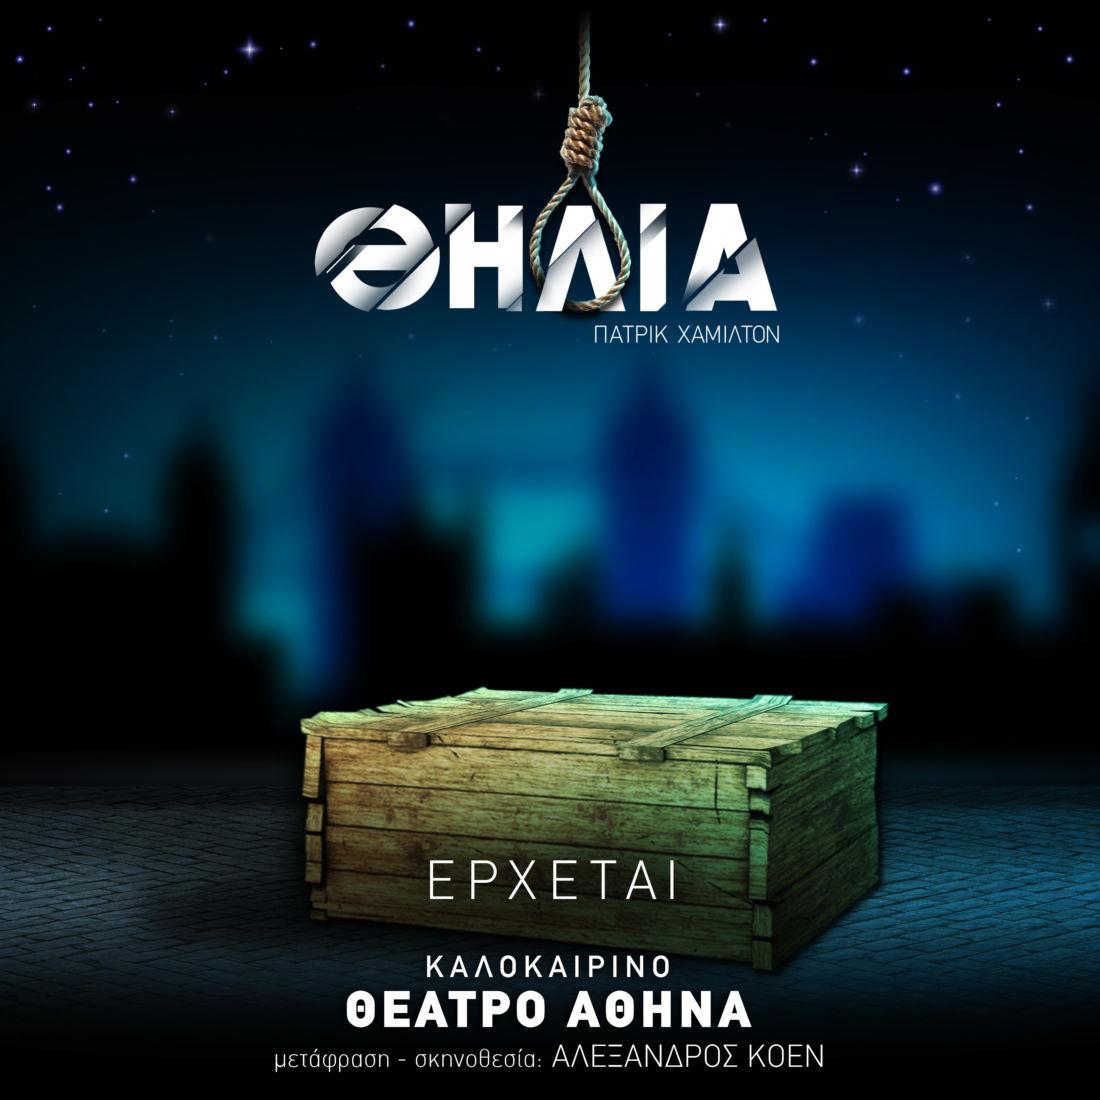 """Μια """"Θηλιά"""" θα στηθεί το καλοκαίρι στο Θέατρο Αθηνά... - MusicCorner.gr"""